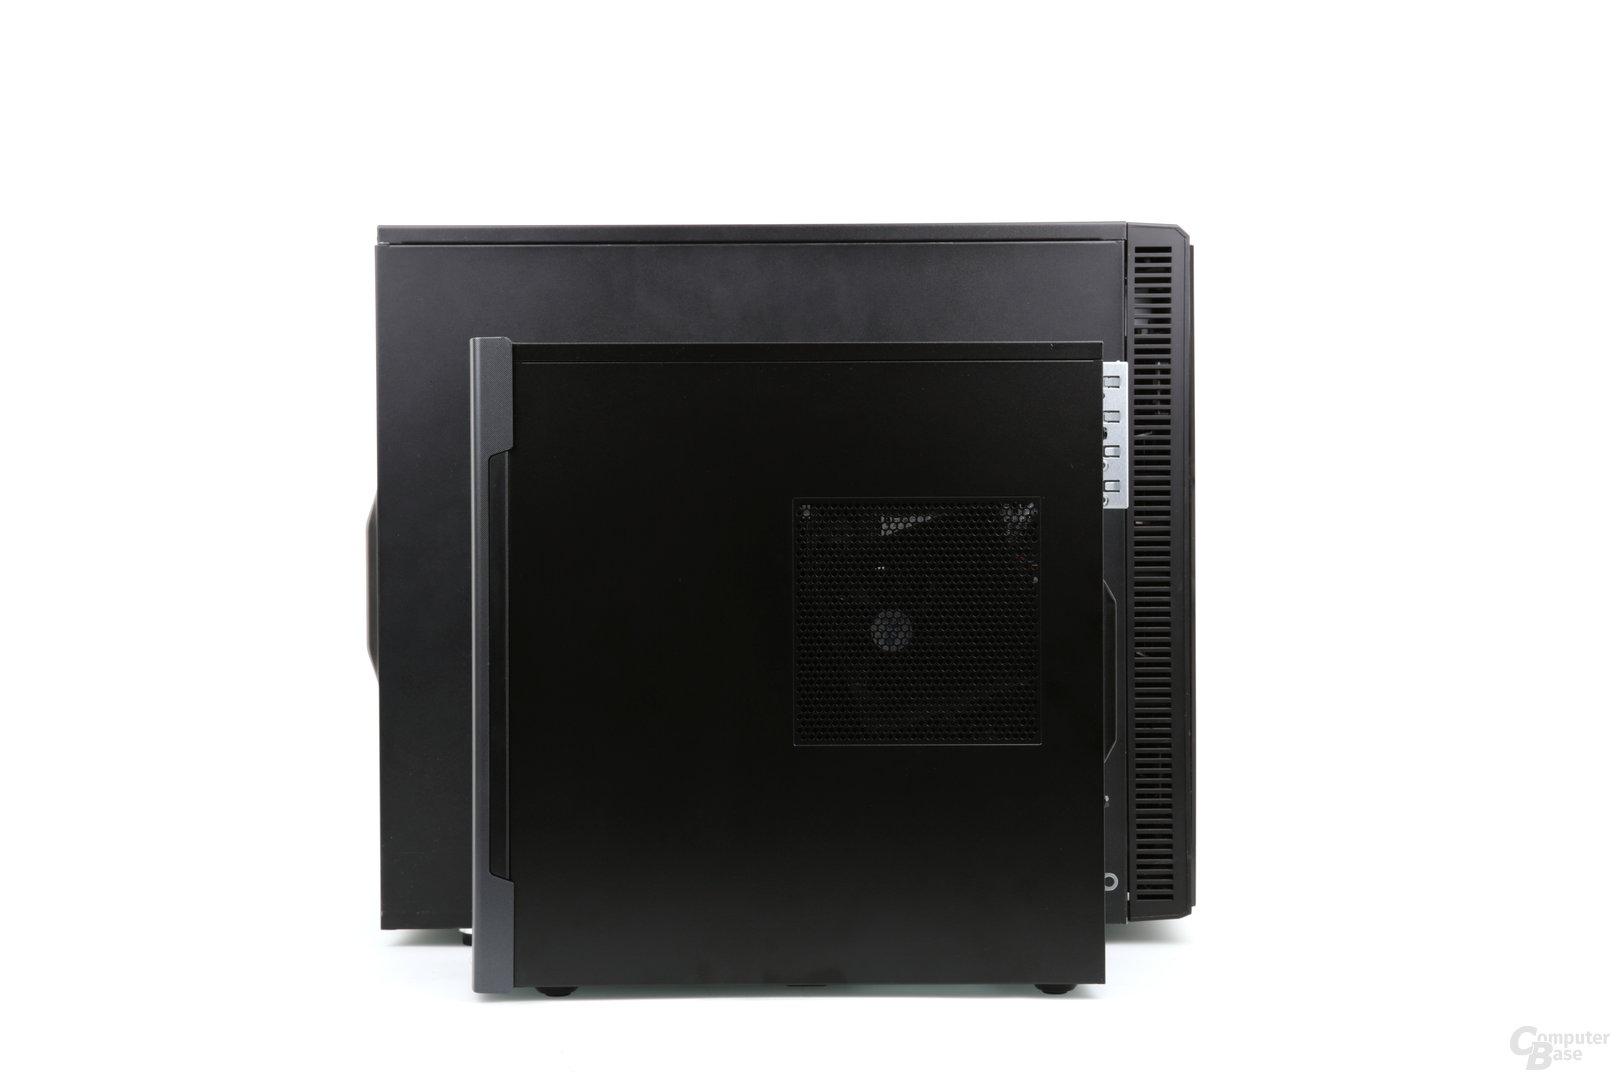 Größenvergleich: vorne Medion Akoya P56000, hinten Fractal Design Define R5